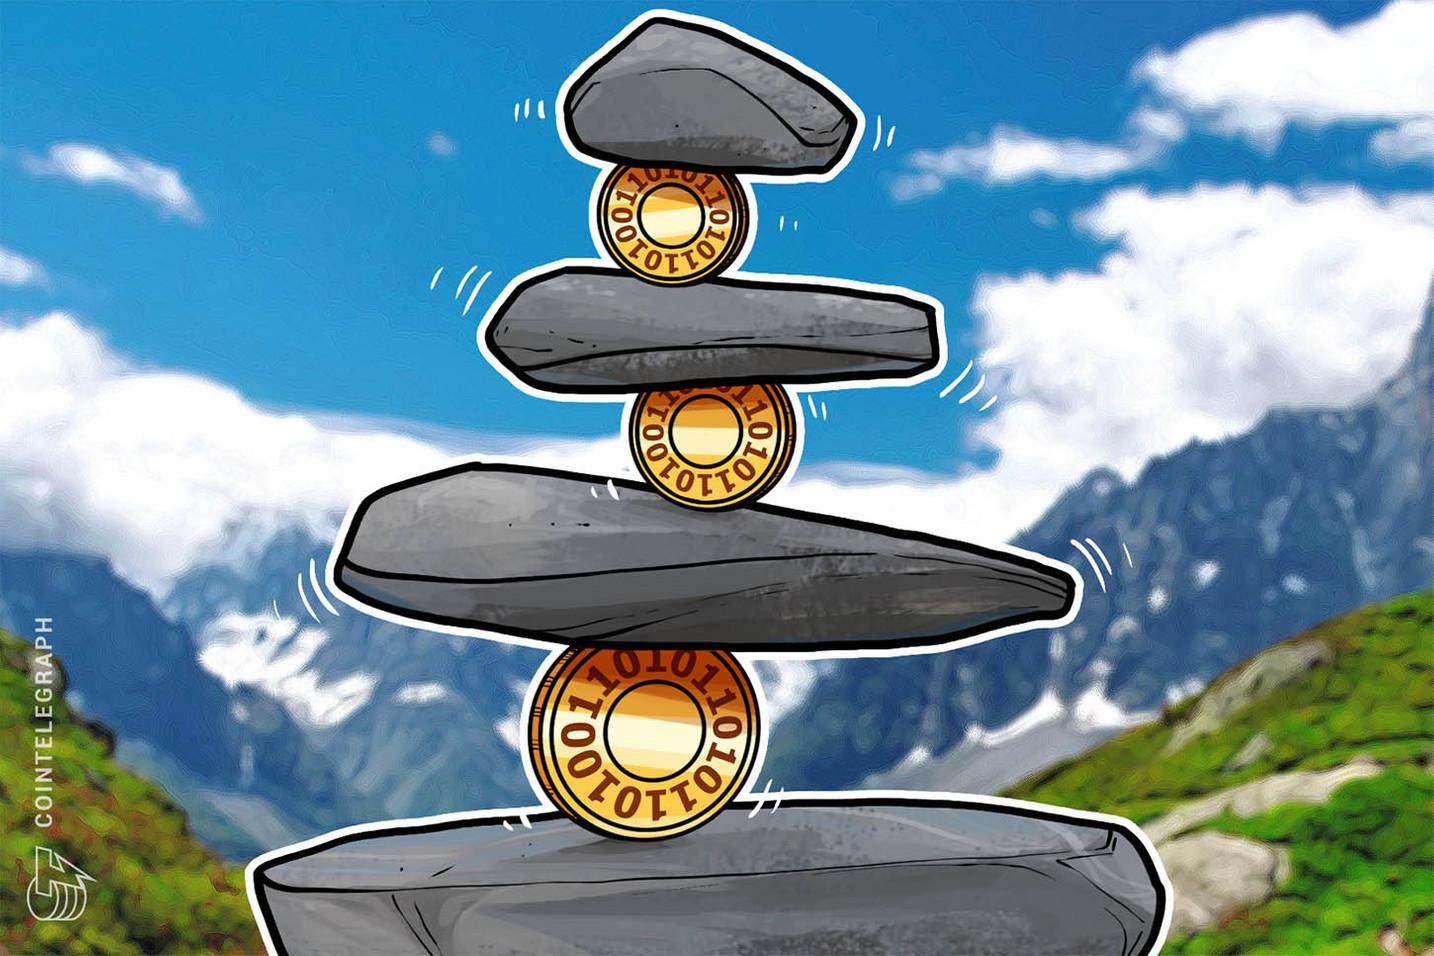 Traditionelle Märkte zu Anfang Q2 auf Rekordtief - leichtes Wachstum für Kryptomärkte